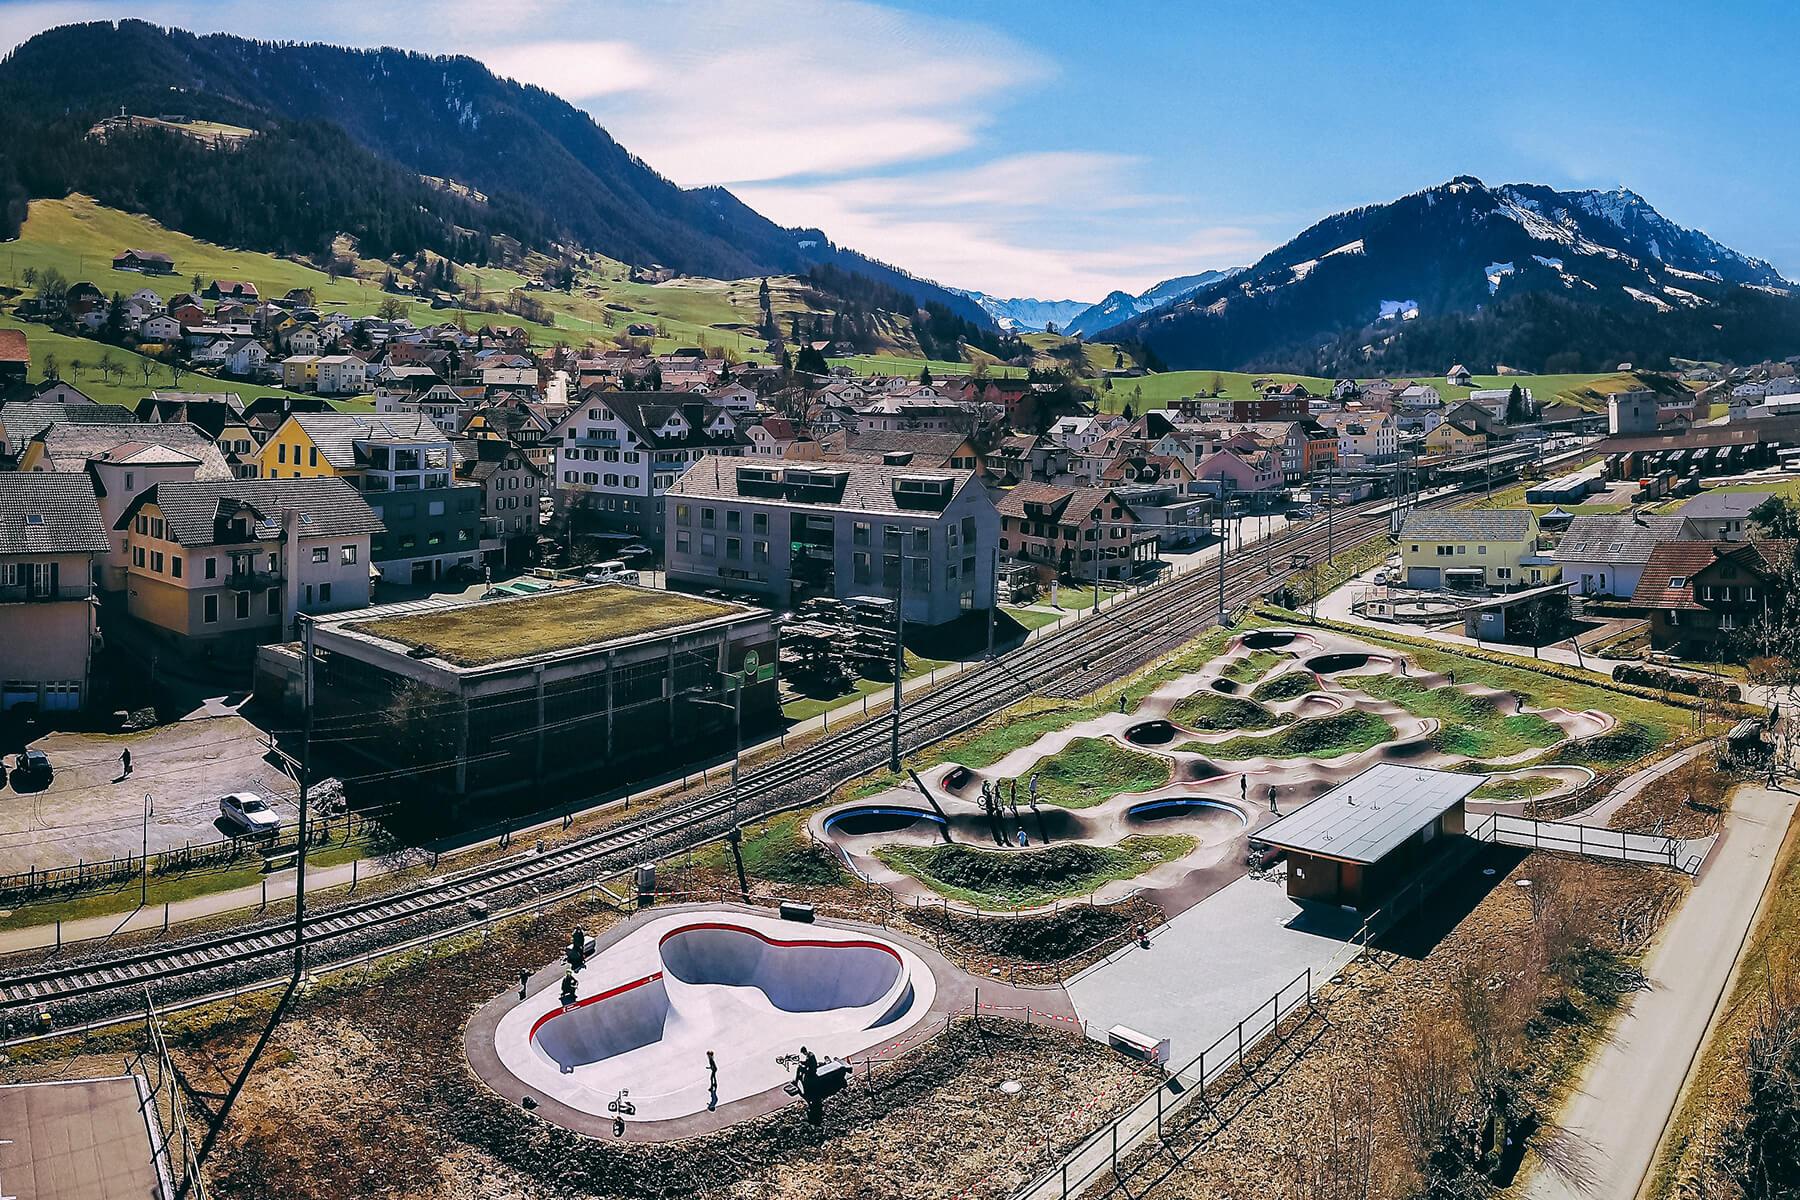 Red Bull Pump Track Schüpfheim,Switzerland - Velosolutions